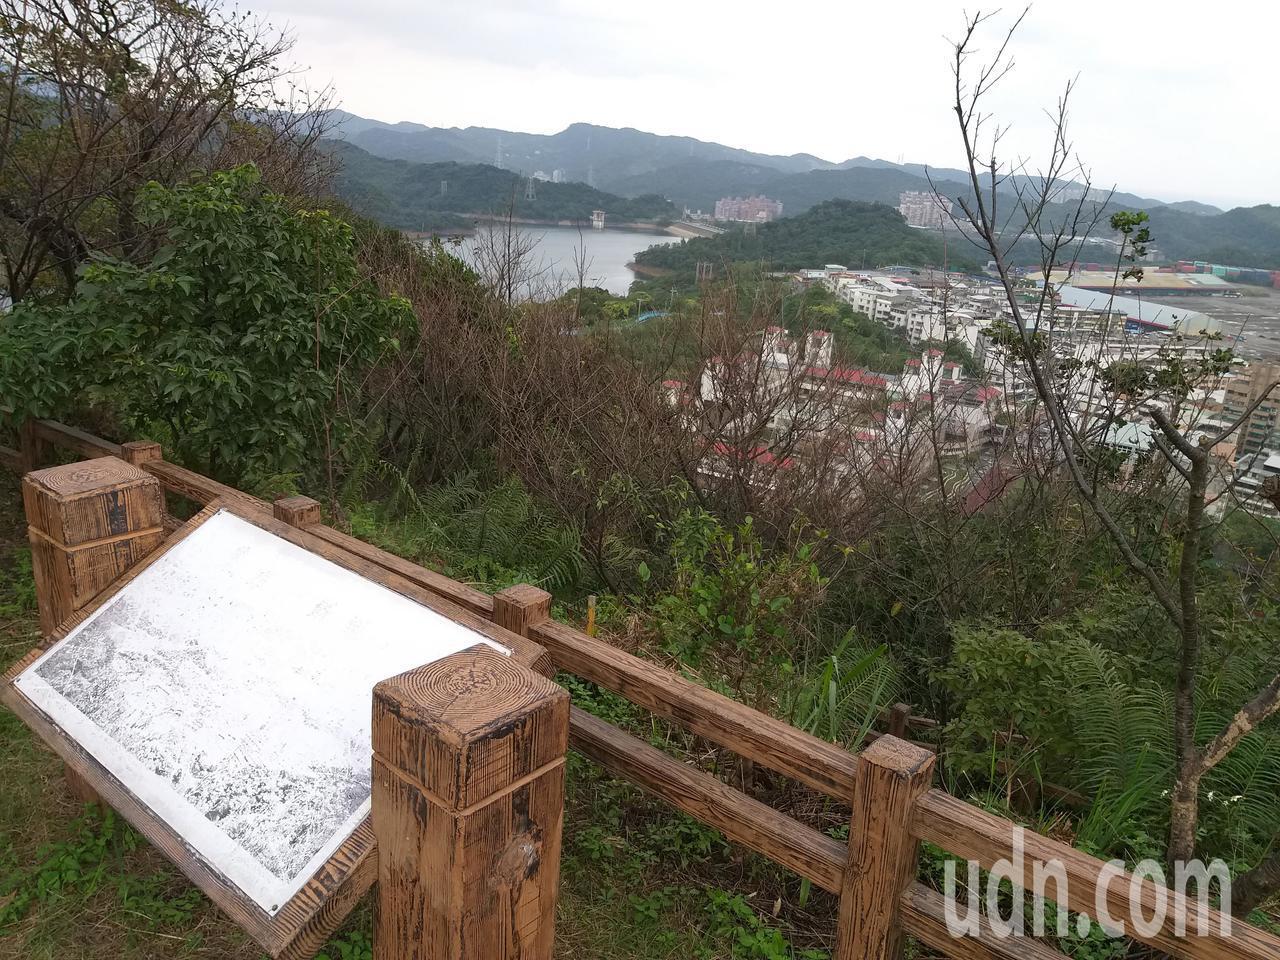 在第一觀景台可俯望新山水庫、國家新城社區和金龍湖,遠眺協合發電廠3根大煙囱和基隆...